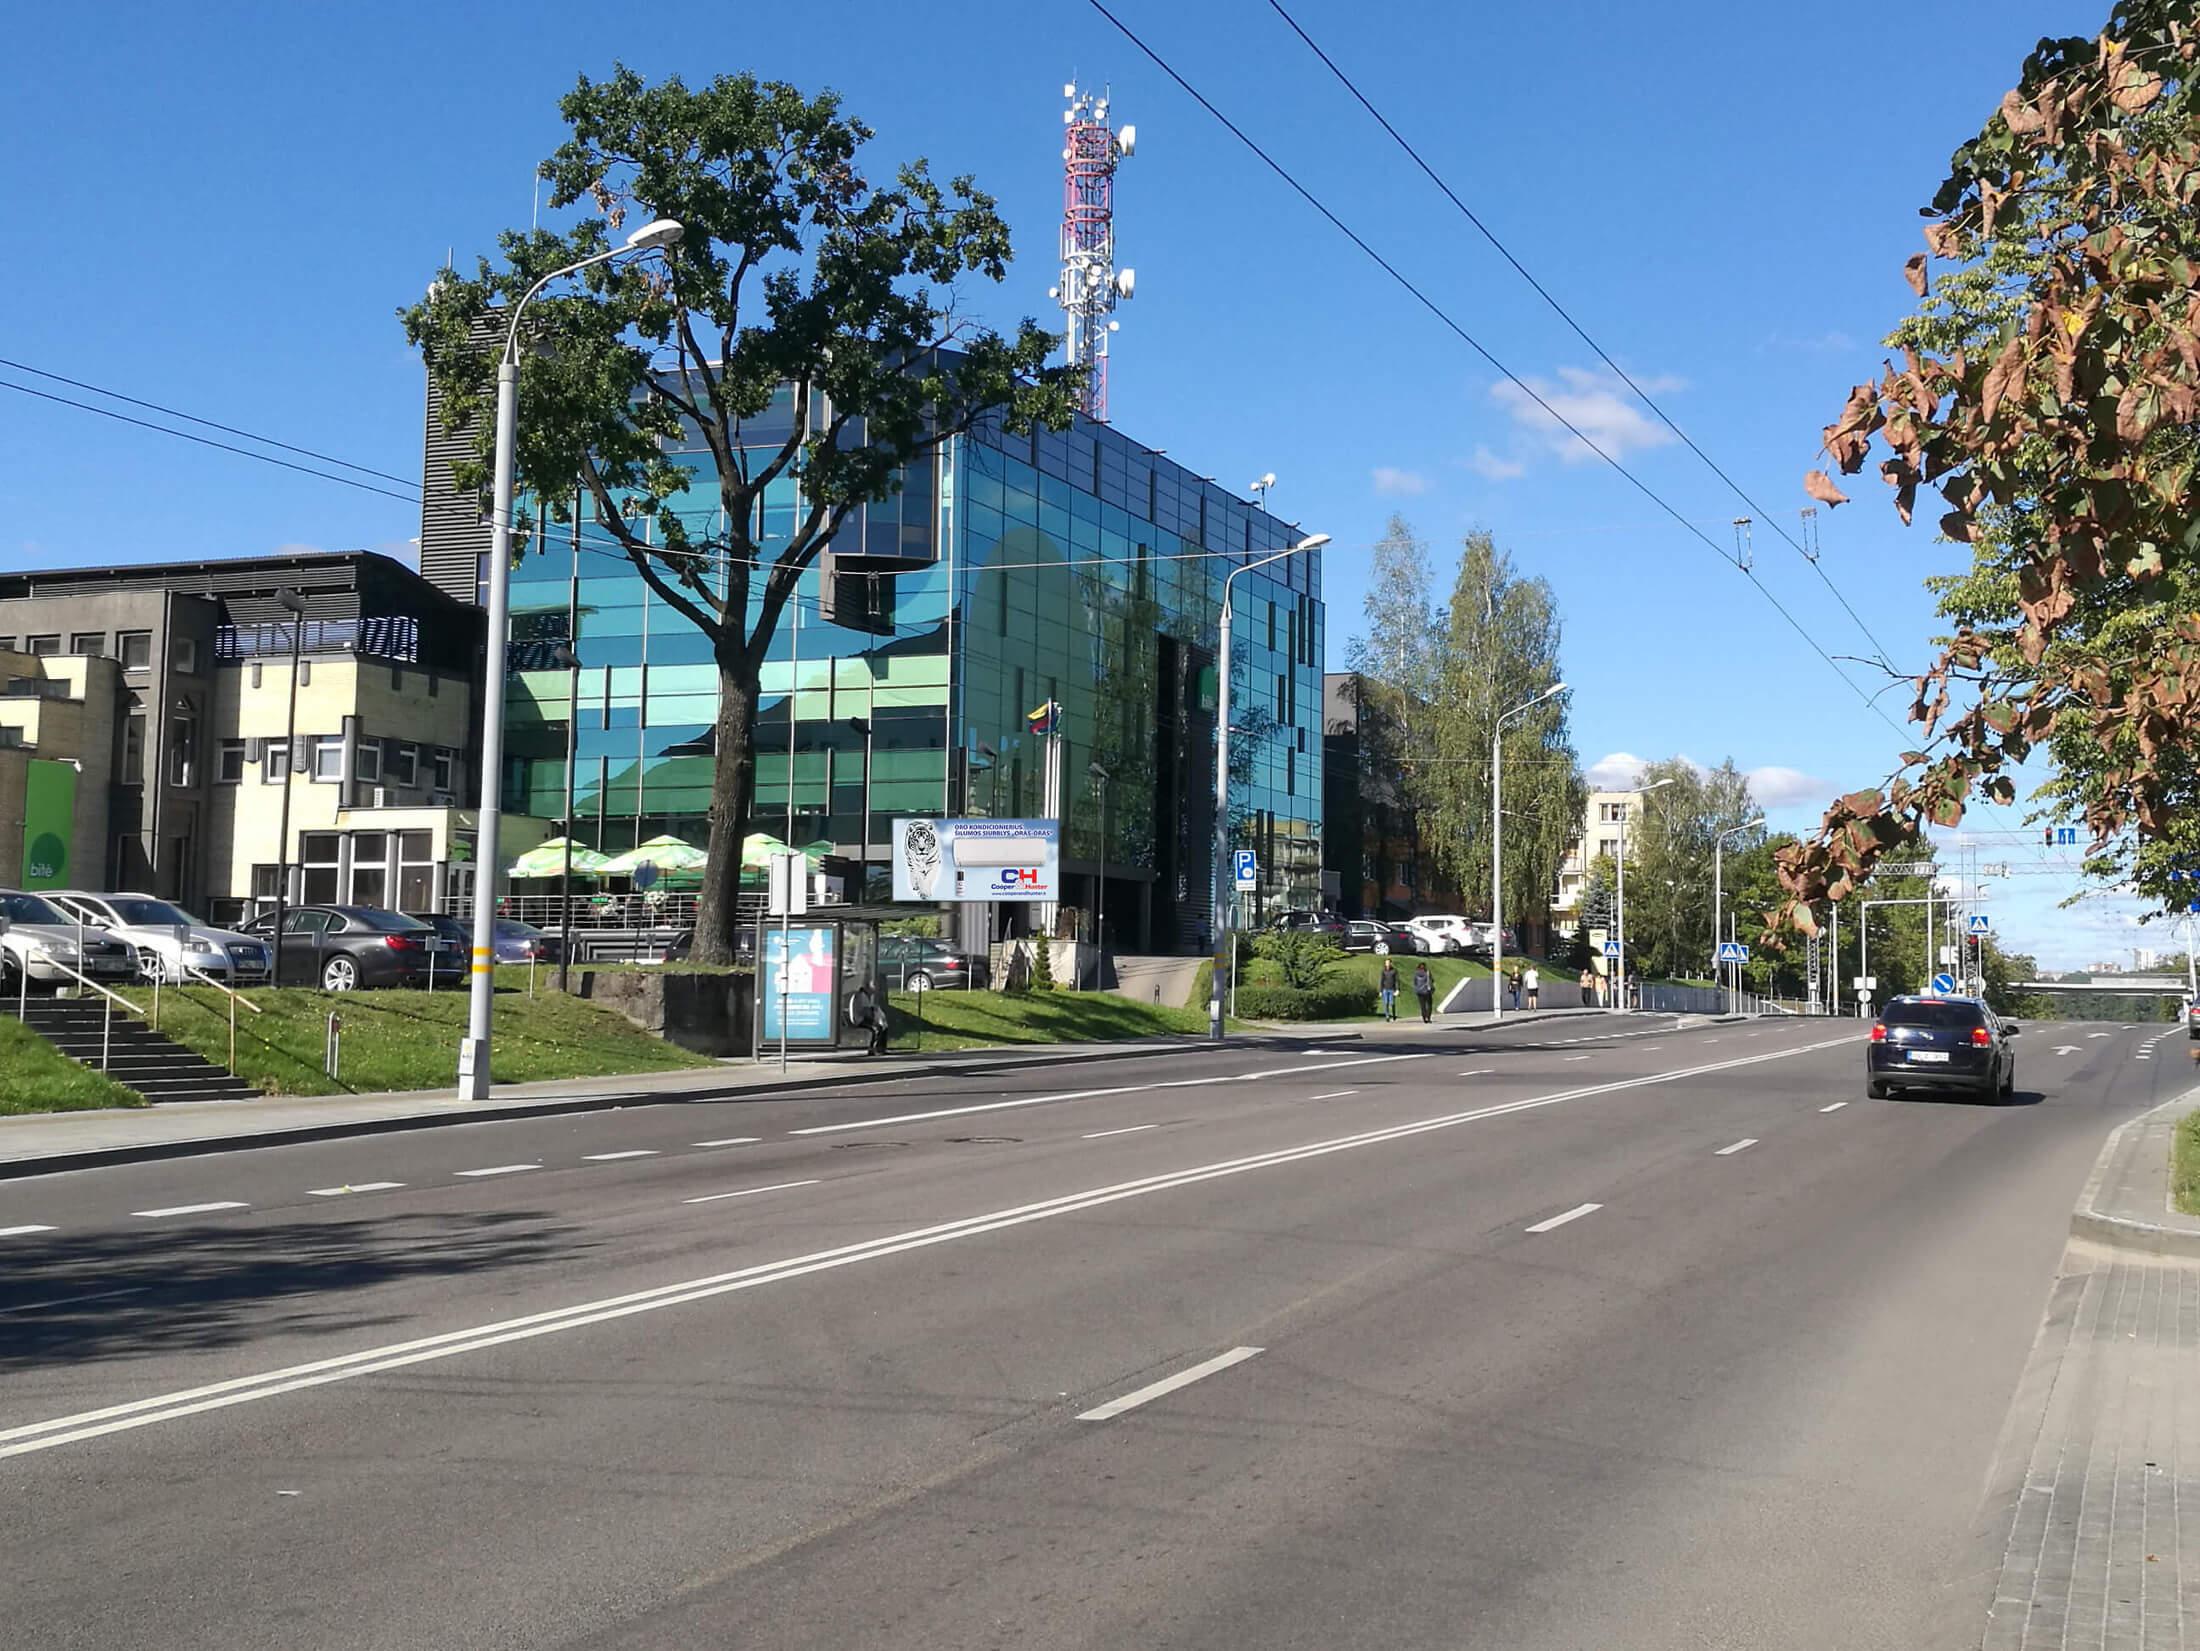 Žemaitės g. Vilnius reklamos stendas